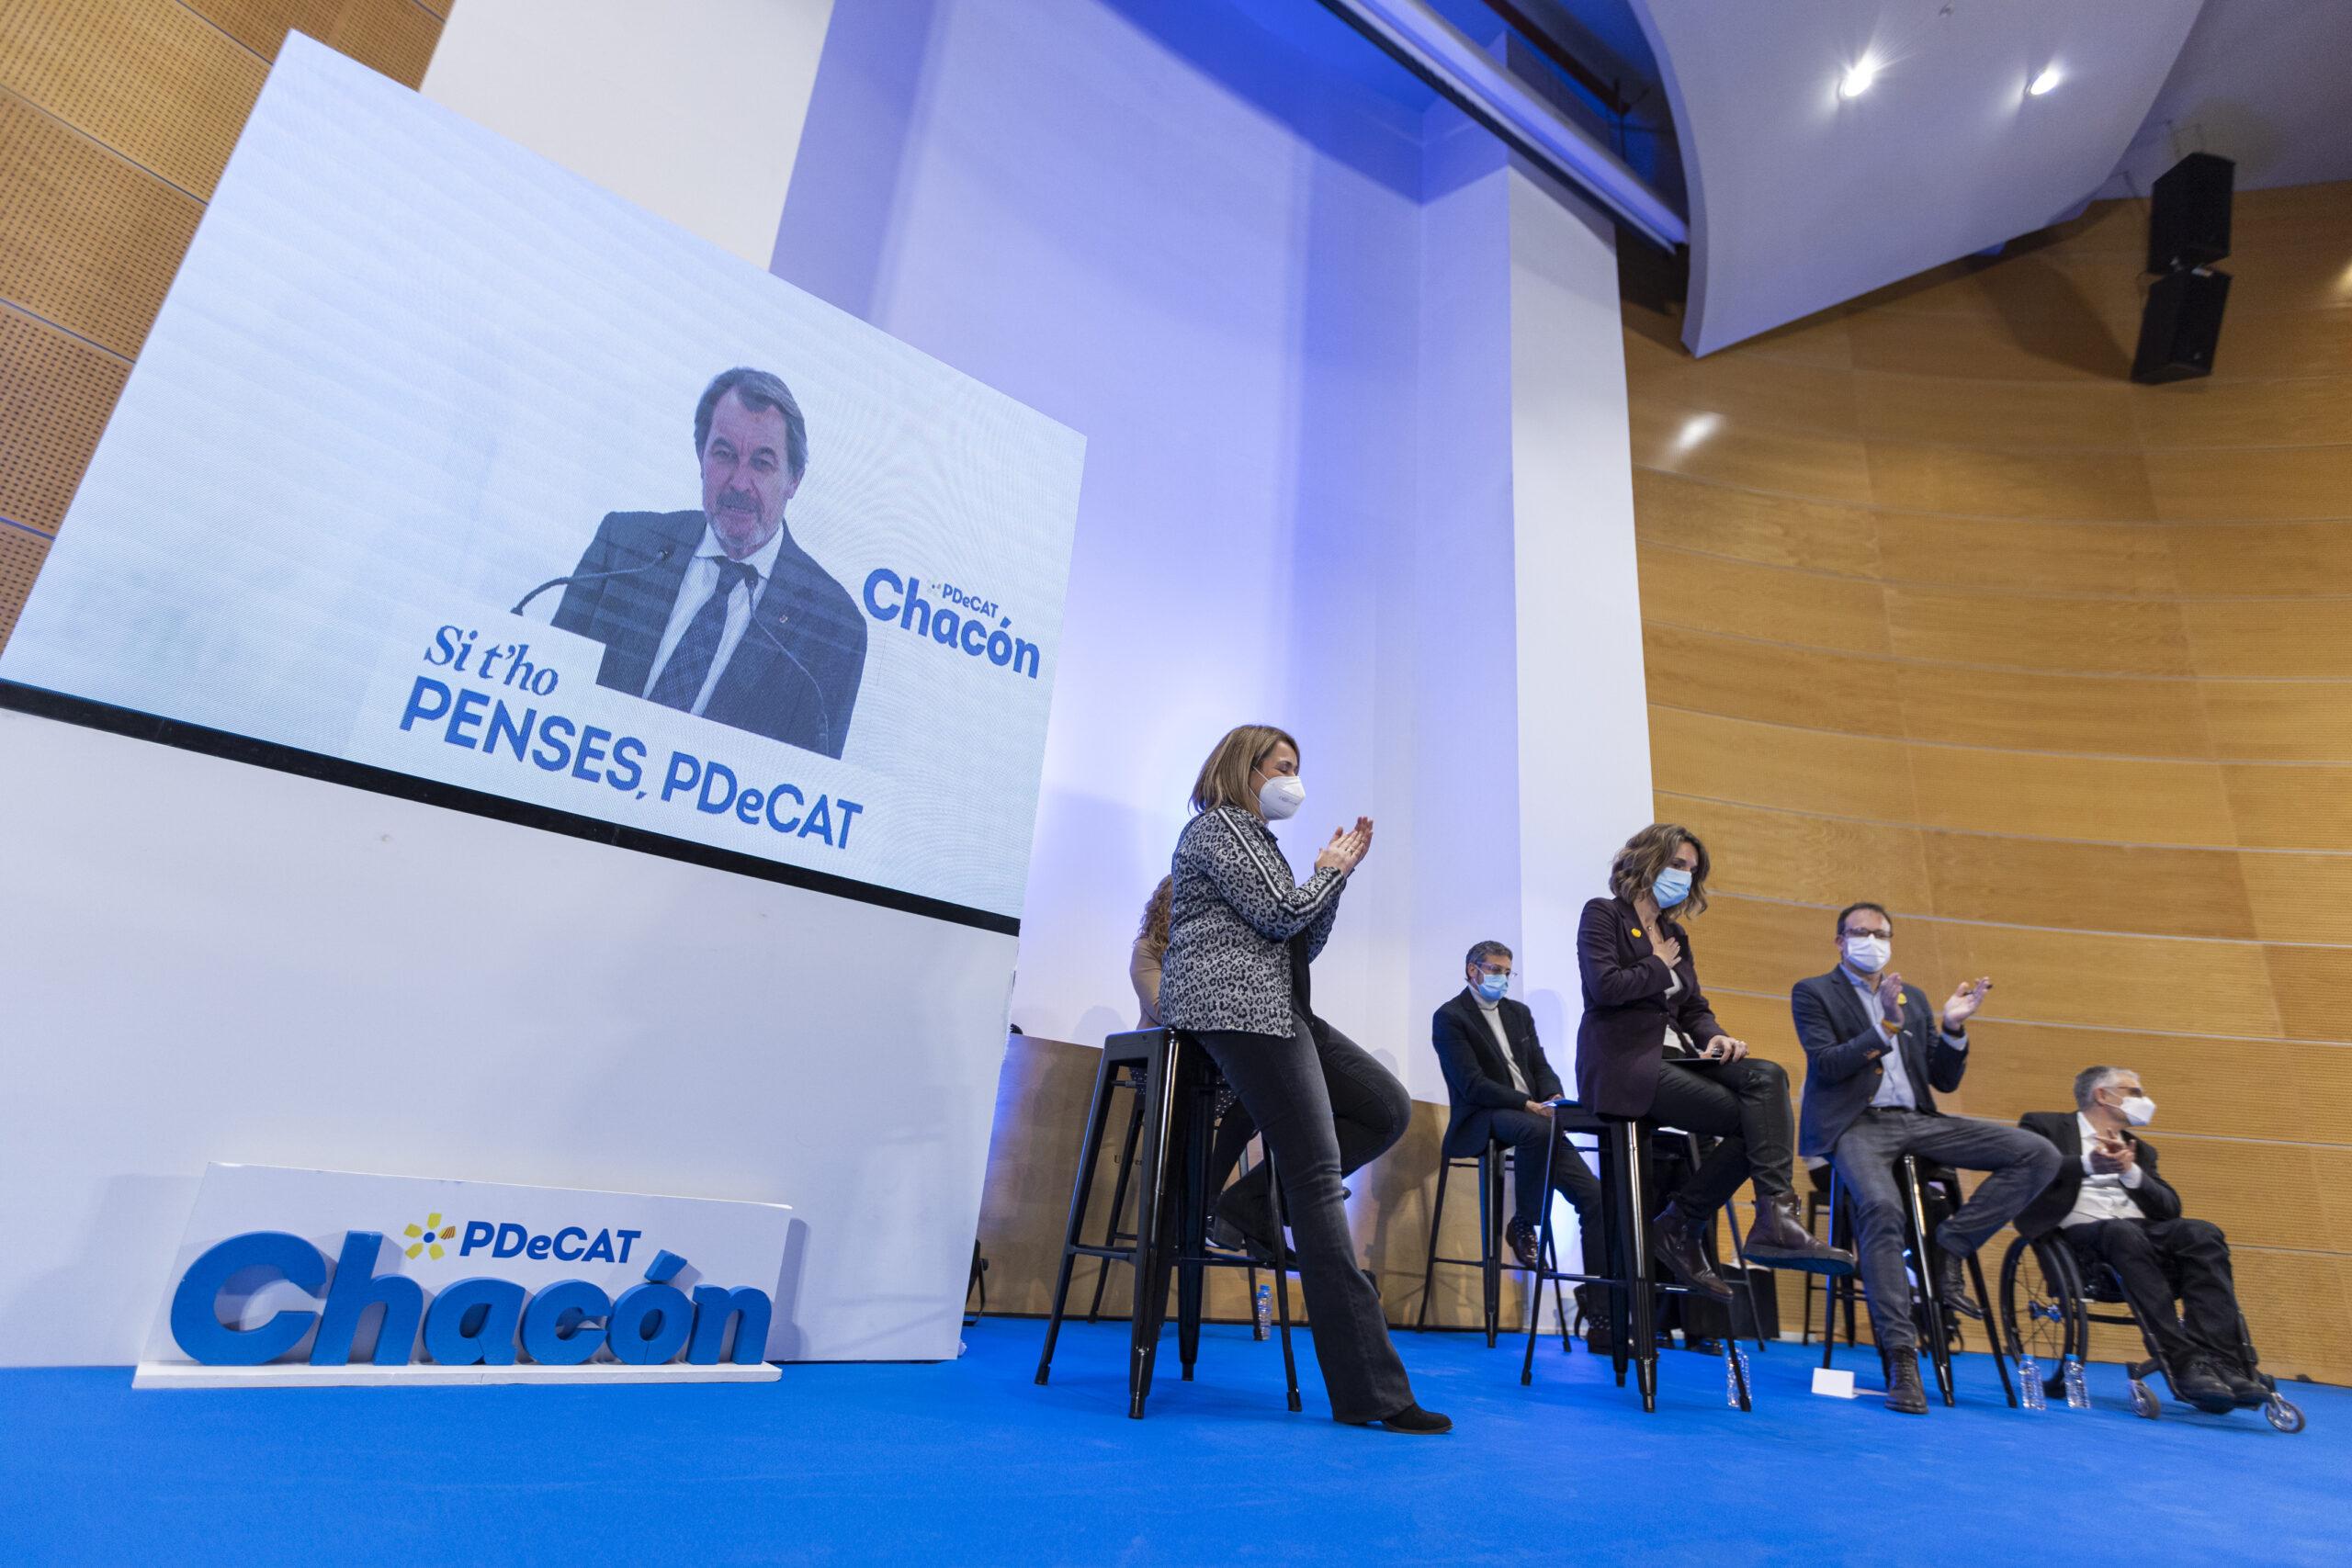 Imatge general de l'acte del PDeCAT a Lleida. Imatge del 10 de febrer de 2021. (Horitzontal)